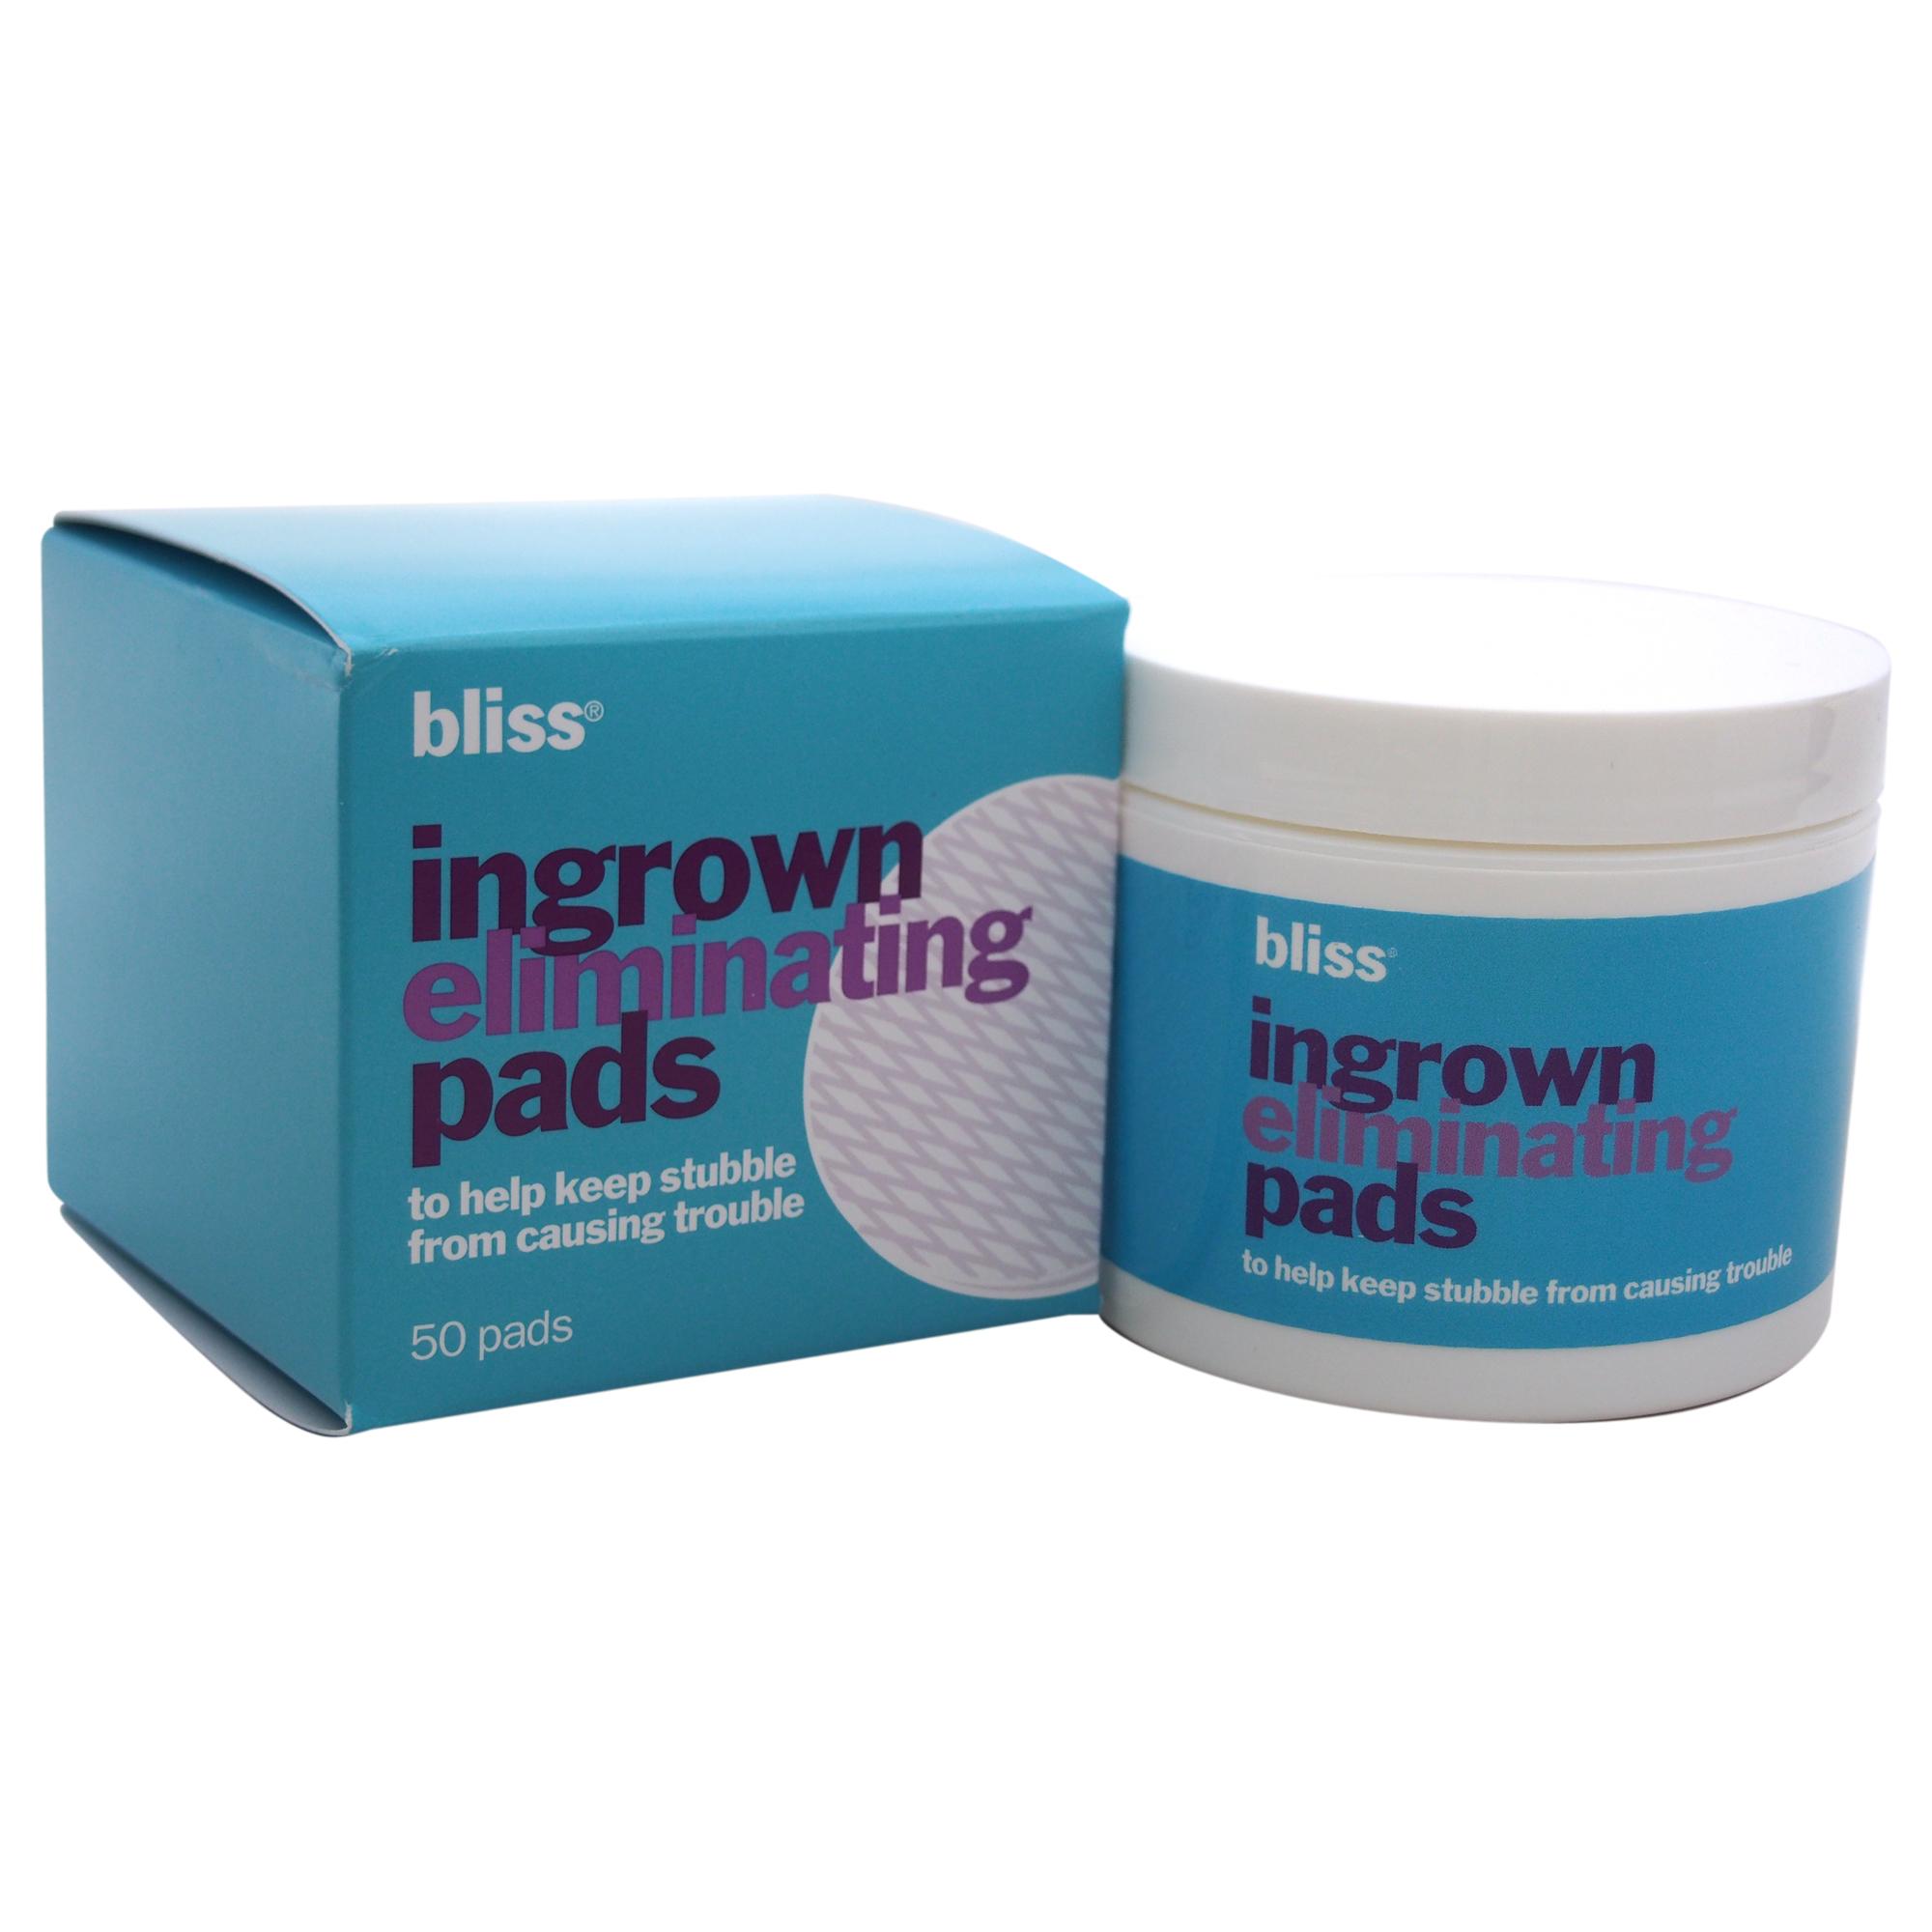 Ingrown Eliminating Pads Bliss 50pc 18409